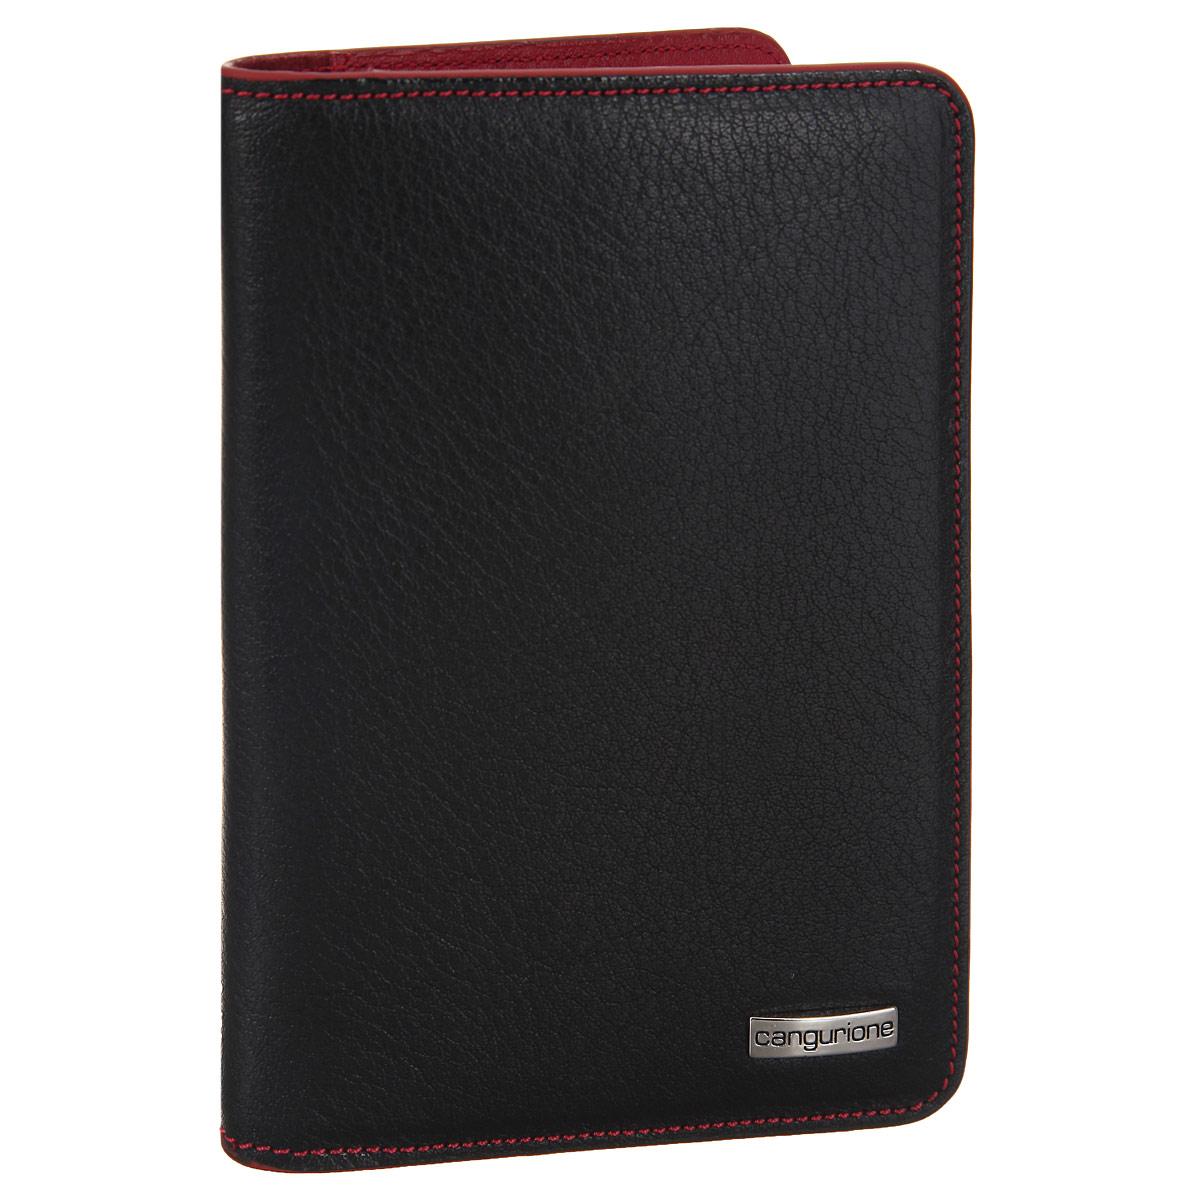 Обложка для автодокументов Cangurione, цвет: черный, красный. 3334-A3334-A/Black--RedОбложка для автодокументов Cangurione выполнена из натуральной высококачественной кожи и декорирована фактурным тиснением, контрастной прострочкой по контуру. Лицевая сторона обложки оформлена металлической пластиной с названием бренда. На внутреннем развороте: 8 прорезей для визиток и кредитных карт (одна - с сетчатым окошком) и два боковых кармана для бумаг и чеков. Изделие упаковано в стильную фирменную коробку. Обложка не только поможет сохранить внешний вид ваших документов и защитить их от повреждений, но и станет стильным аксессуаром, который подчеркнет ваш неповторимый стиль.